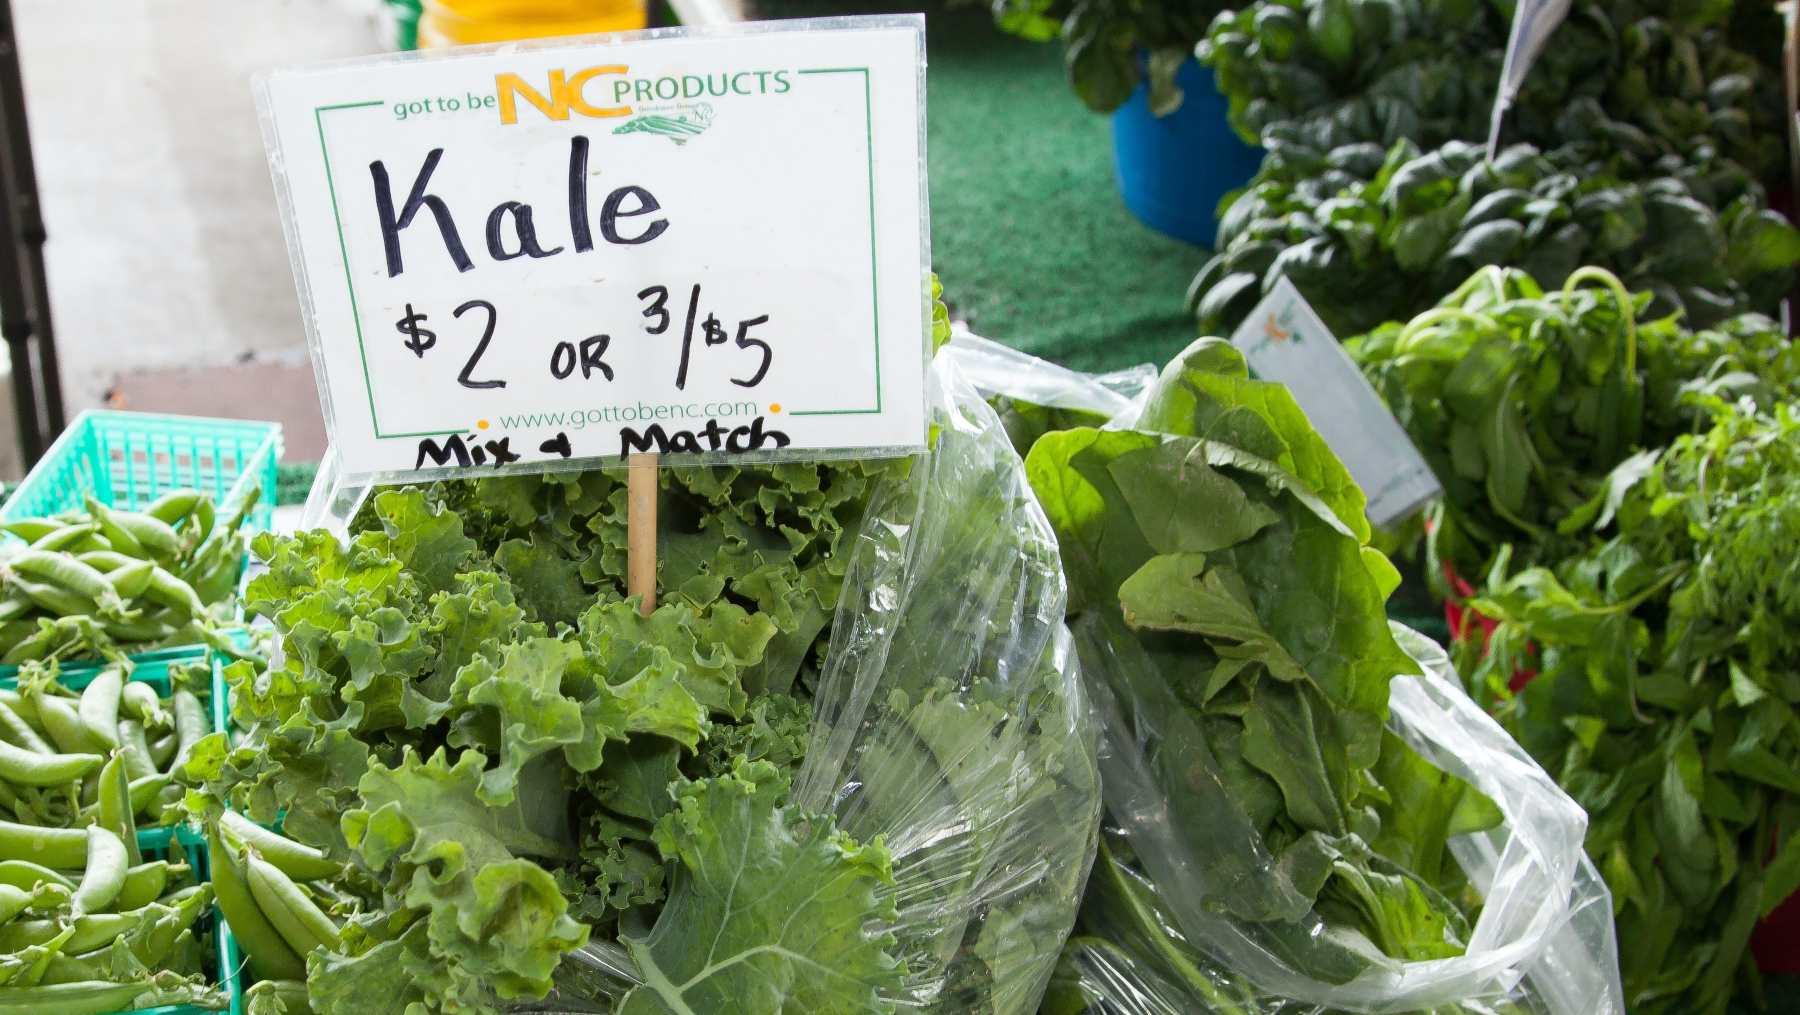 Kale beneficios